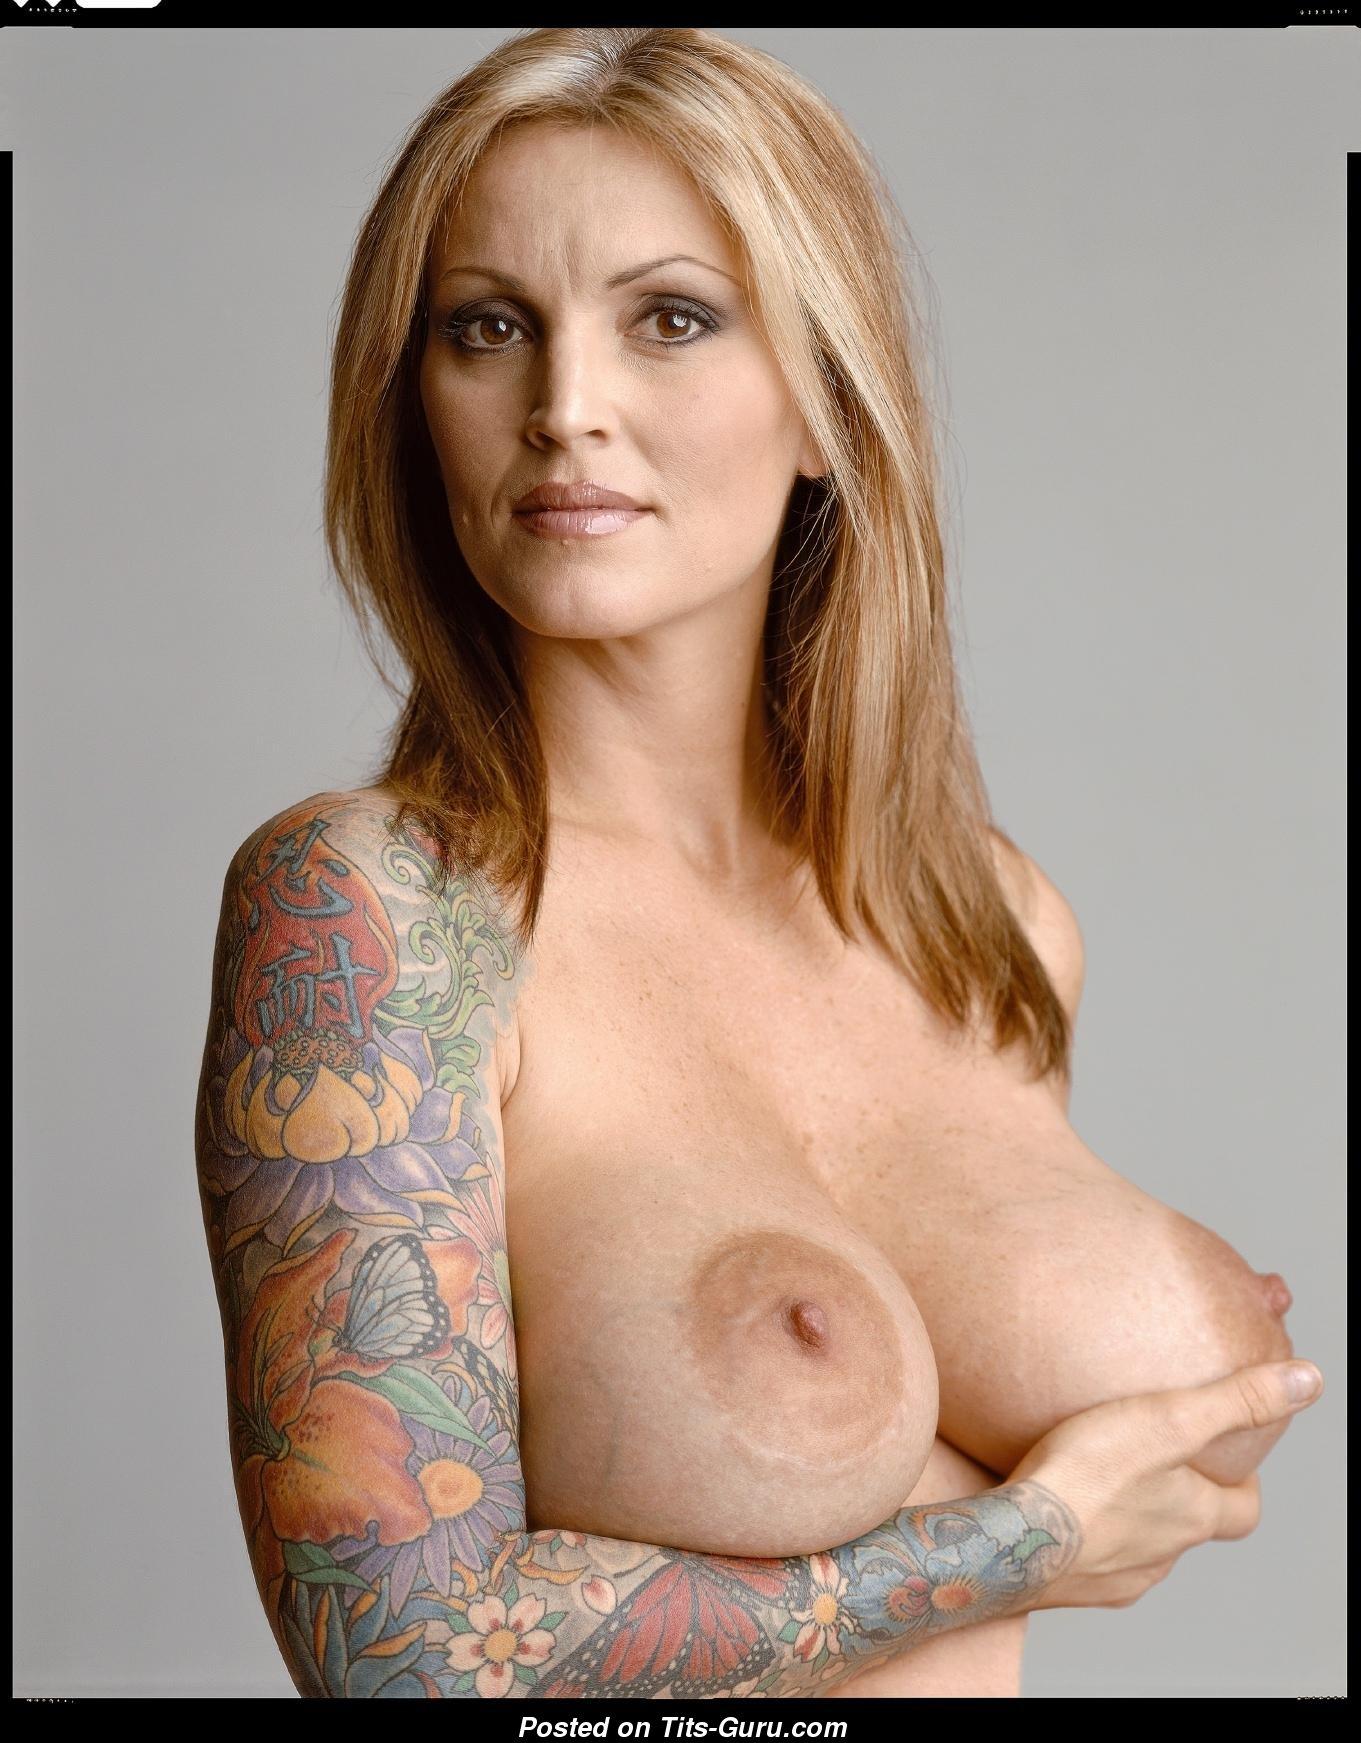 Rachel hunter topless